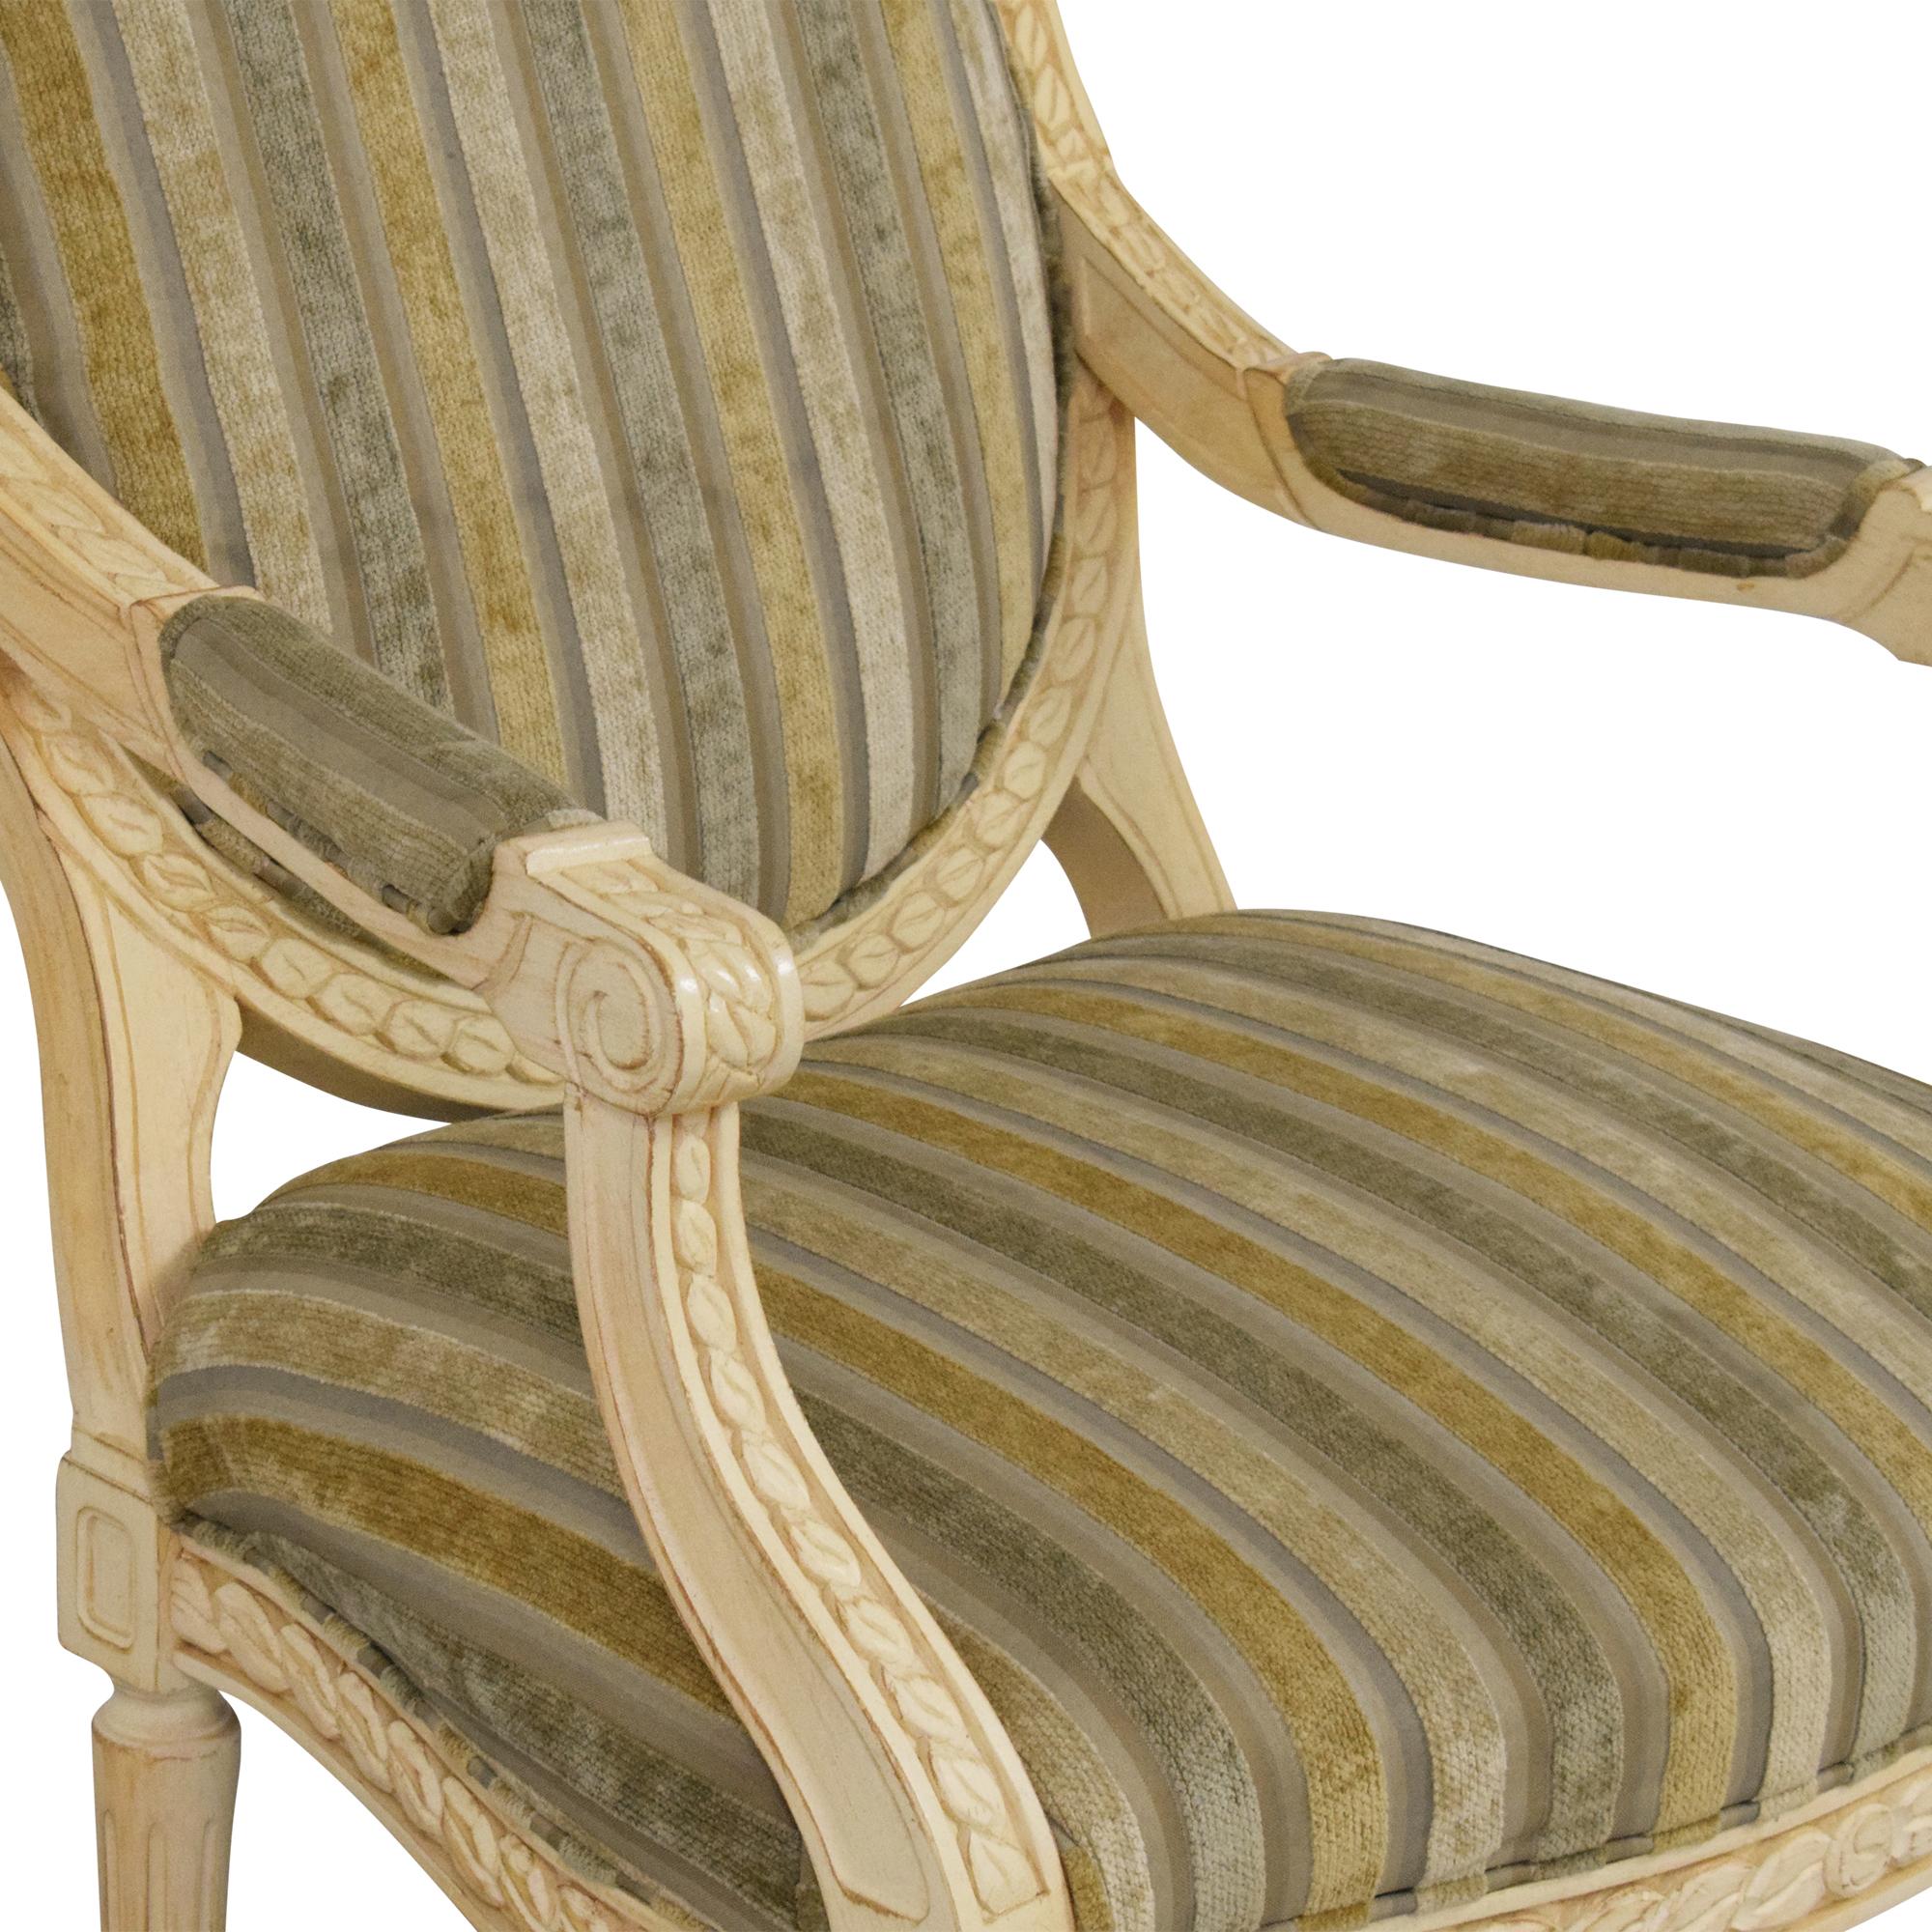 Fairfield Chair Company Fairfield Accent Chair ct